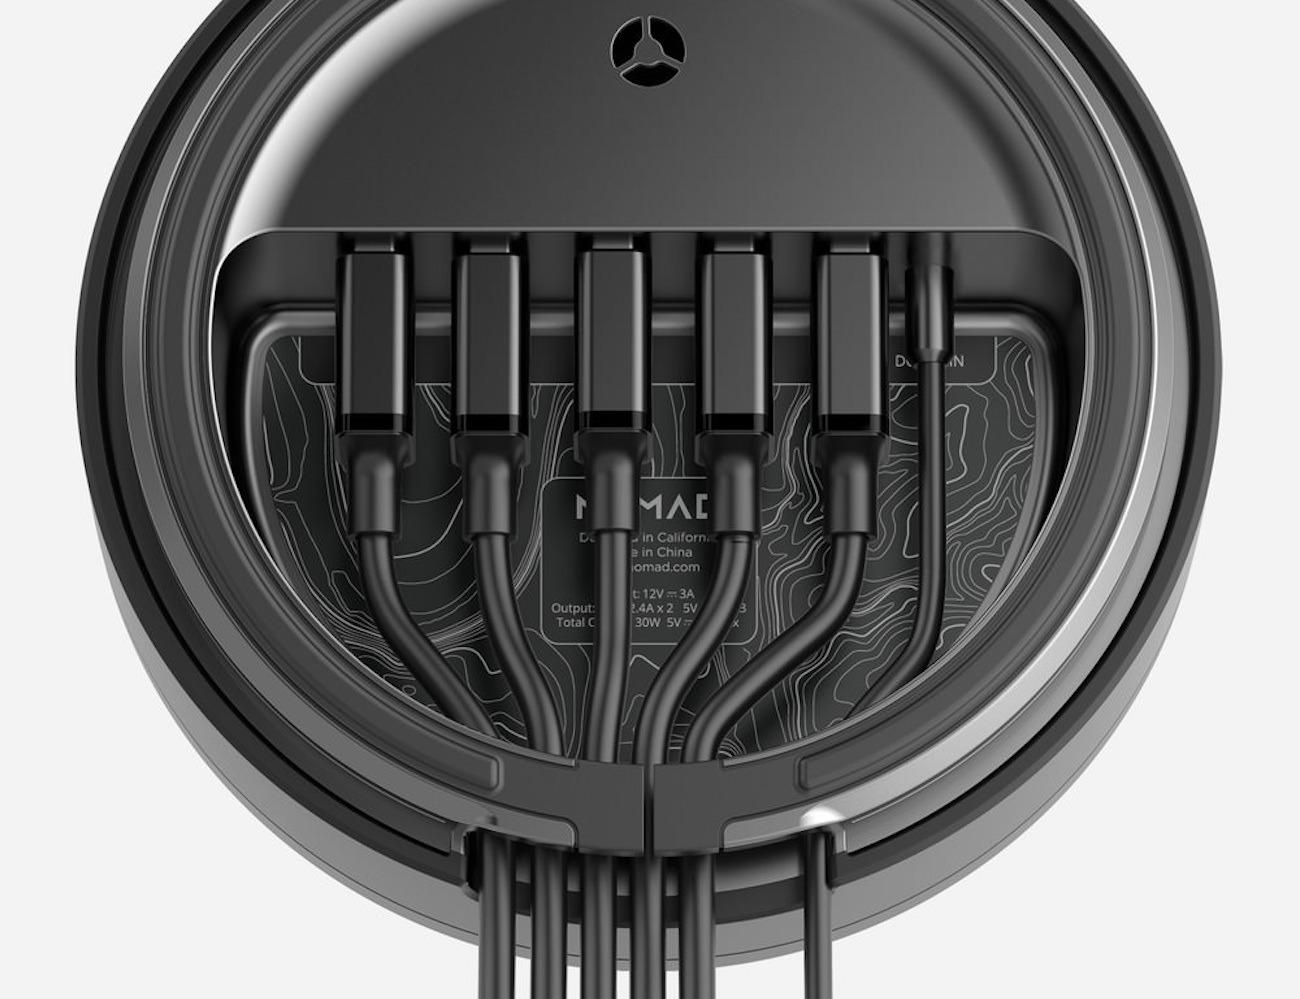 Nomad Multi-Port USB Charging Hub